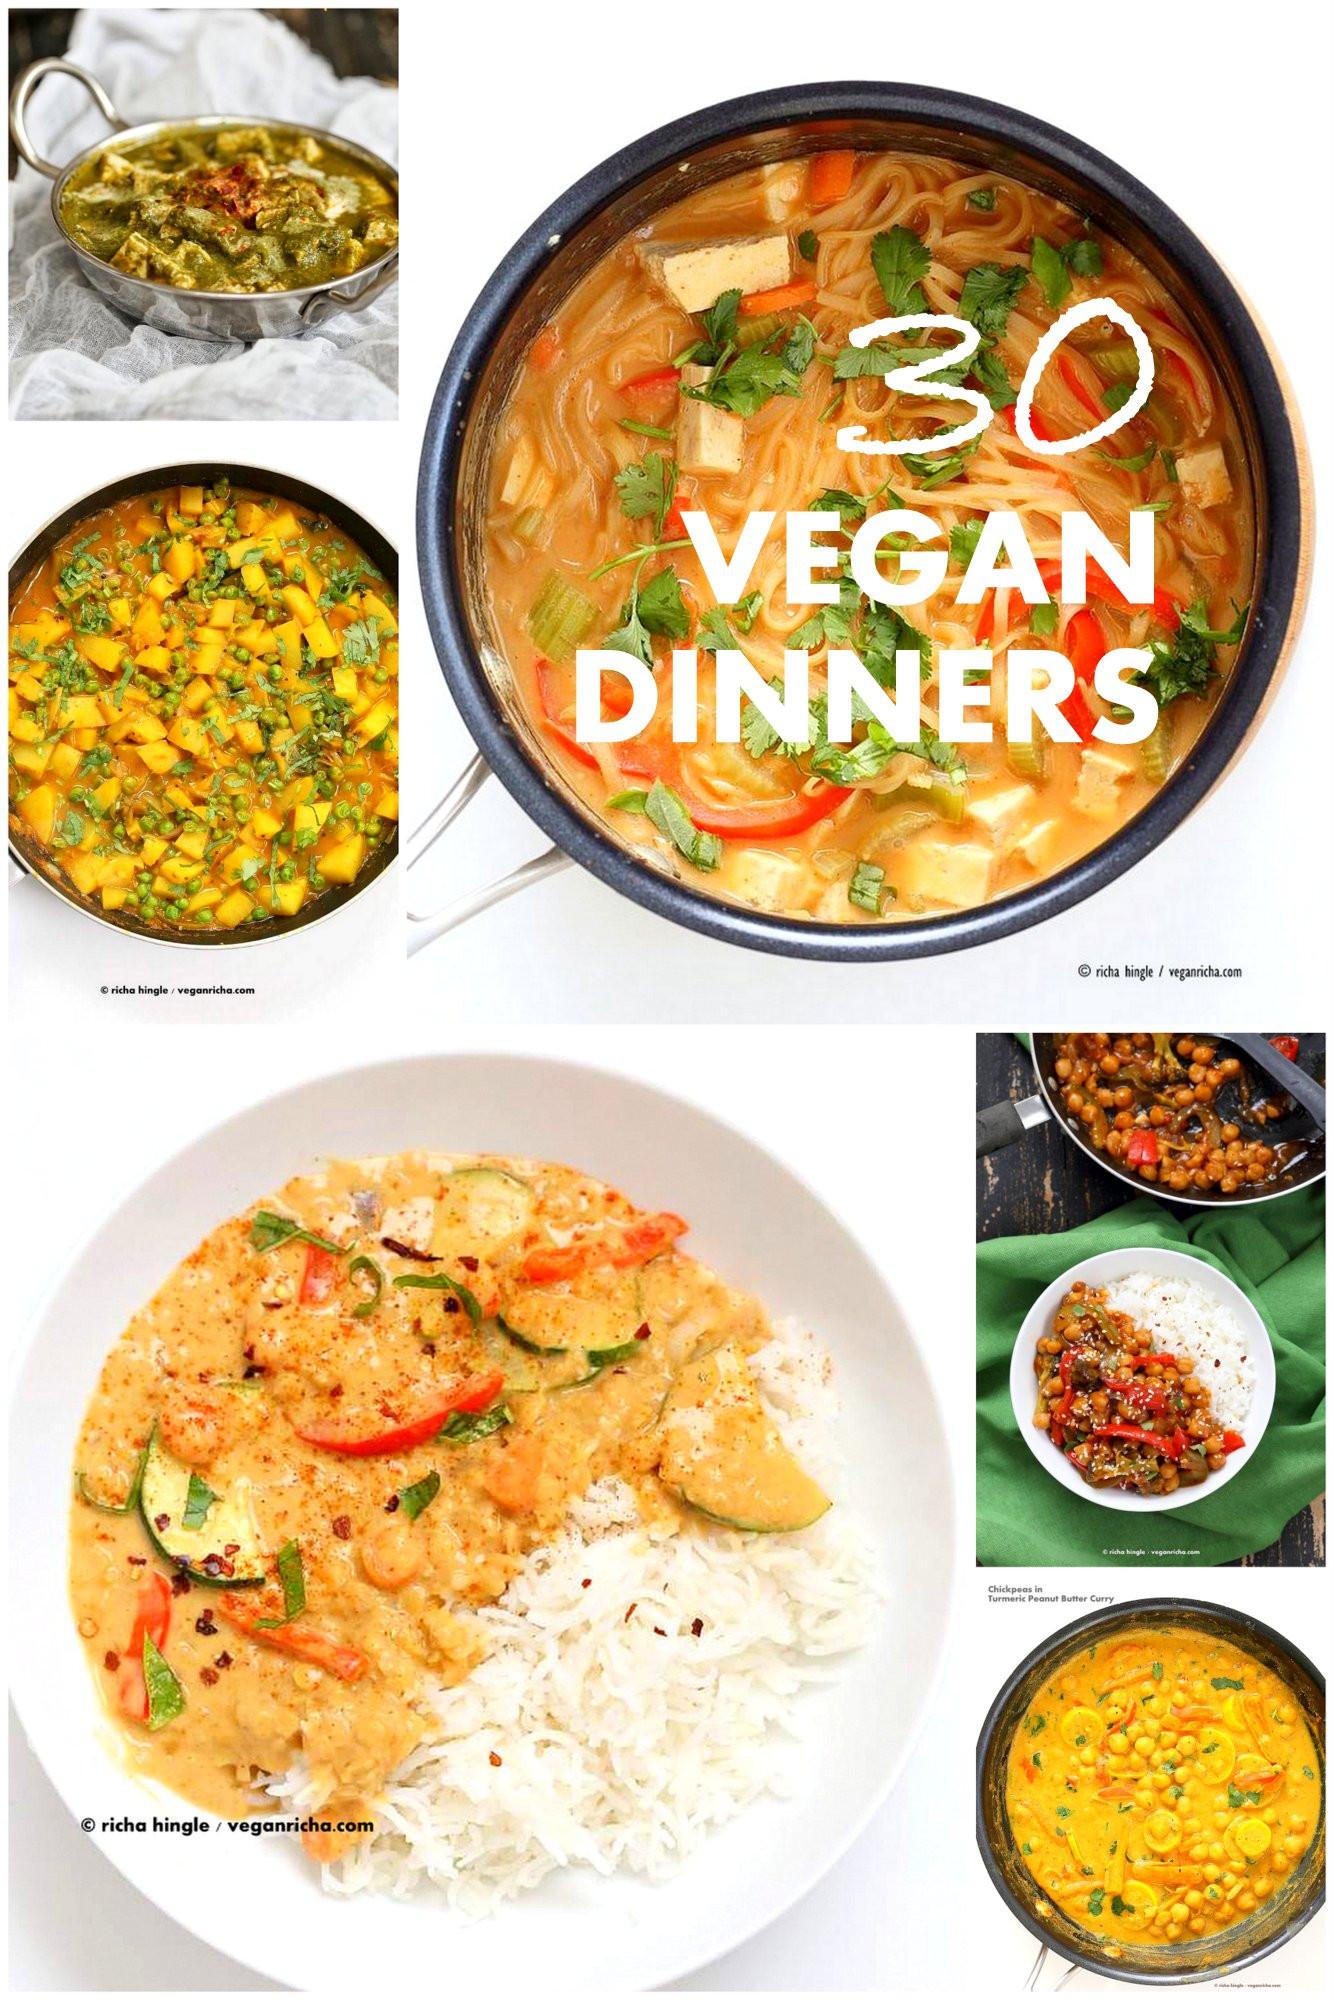 Easy Quick Vegan Dinners  30 Easy Vegan Dinner Recipes Vegan Richa